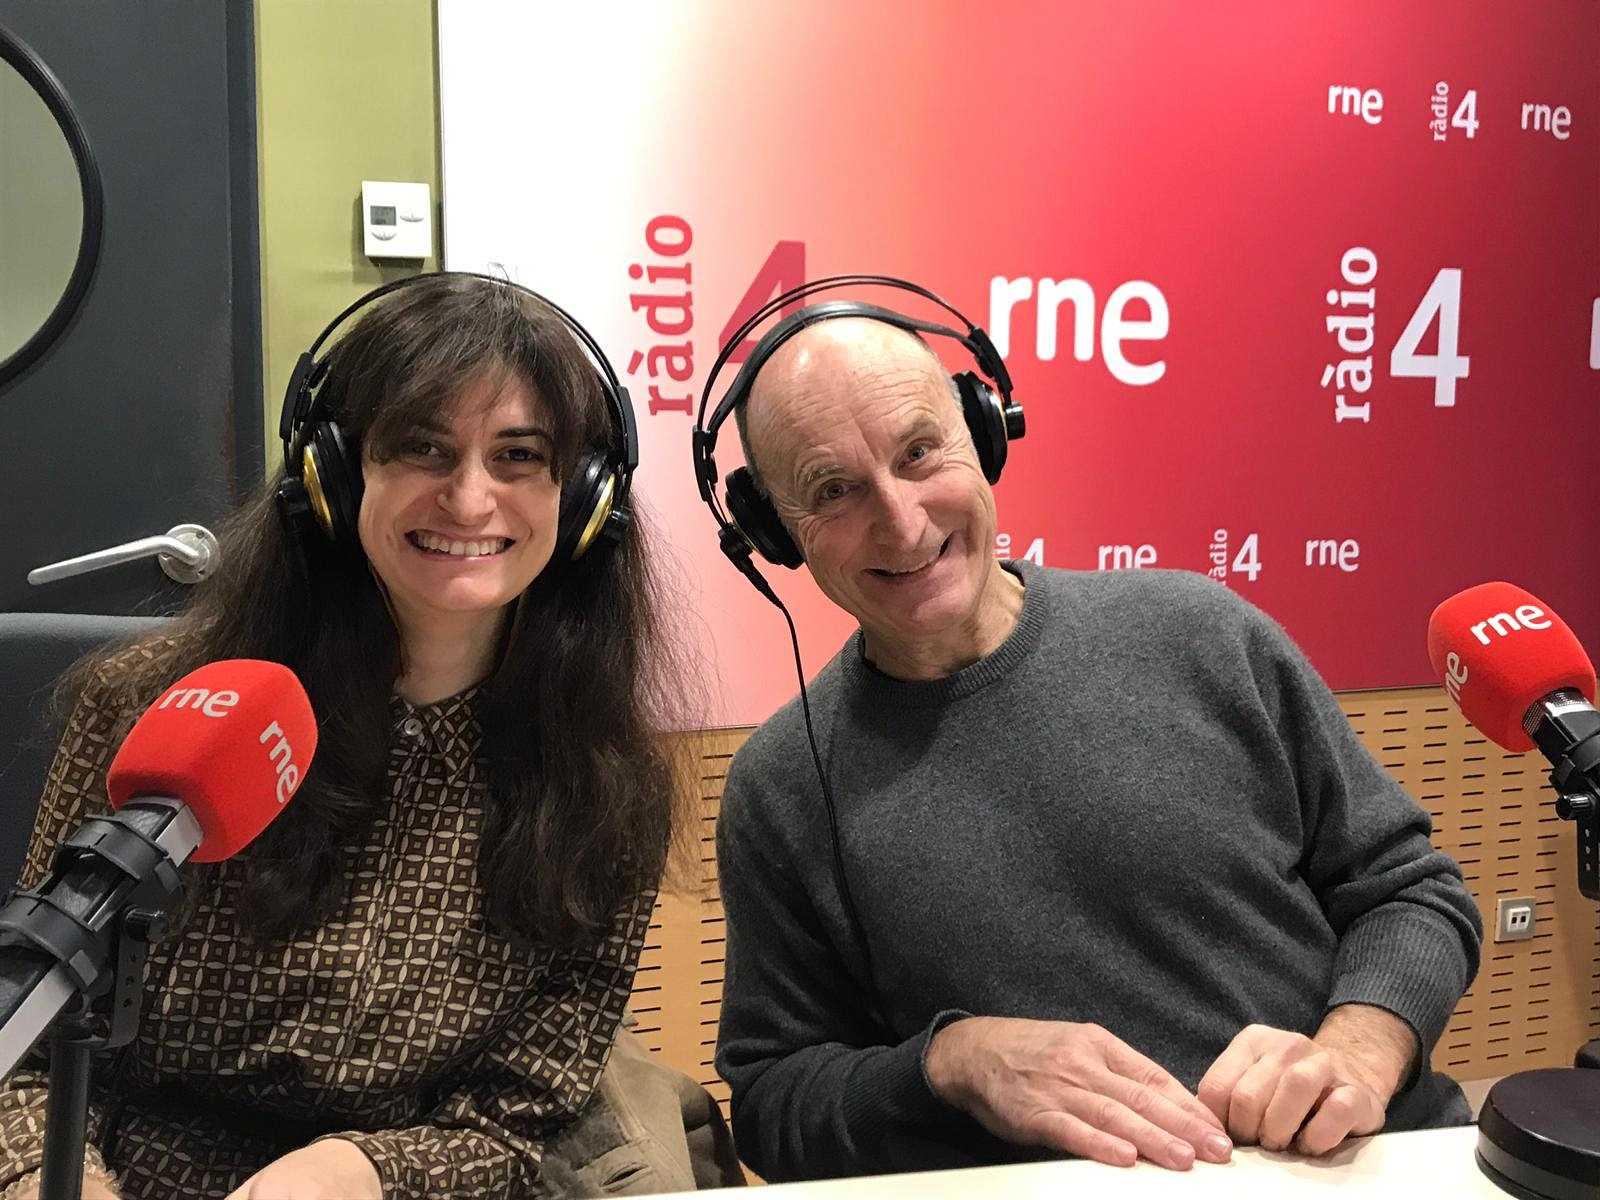 El matí a Ràdio 4 - Entrevista La plaça del Diamant, Paco Mir, Núria Bonet